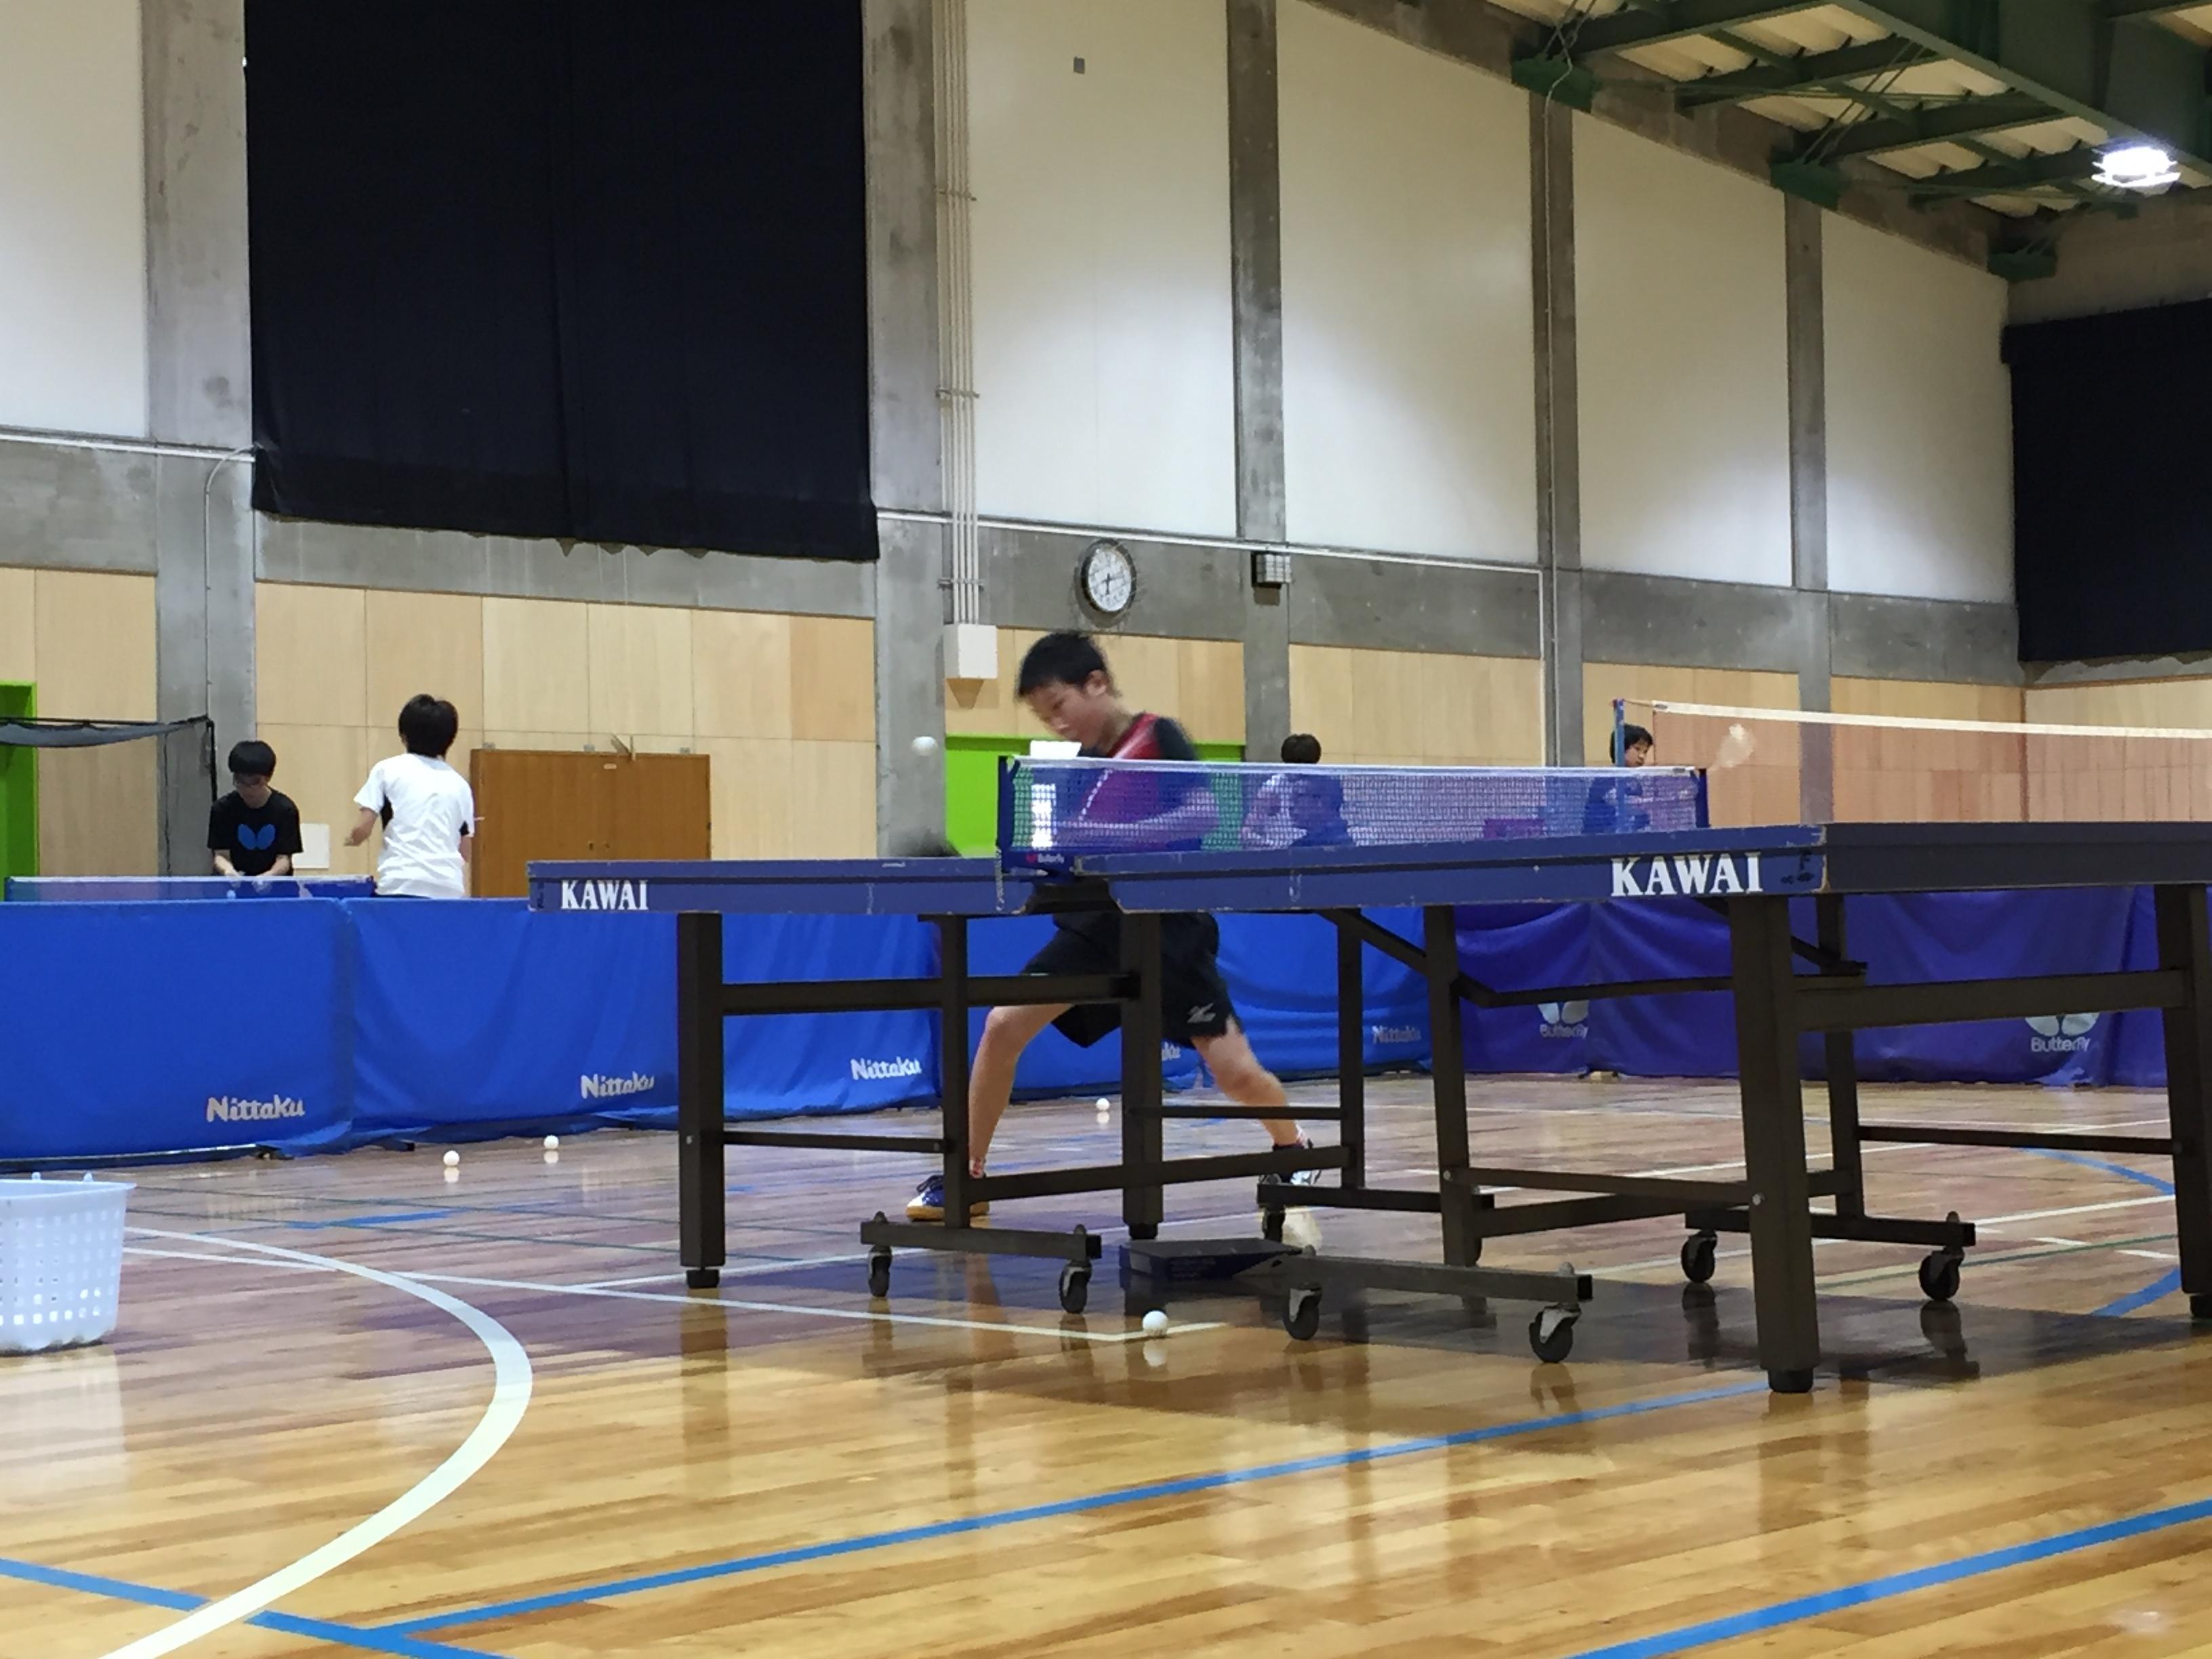 20170525_高校卓球部部活体験02